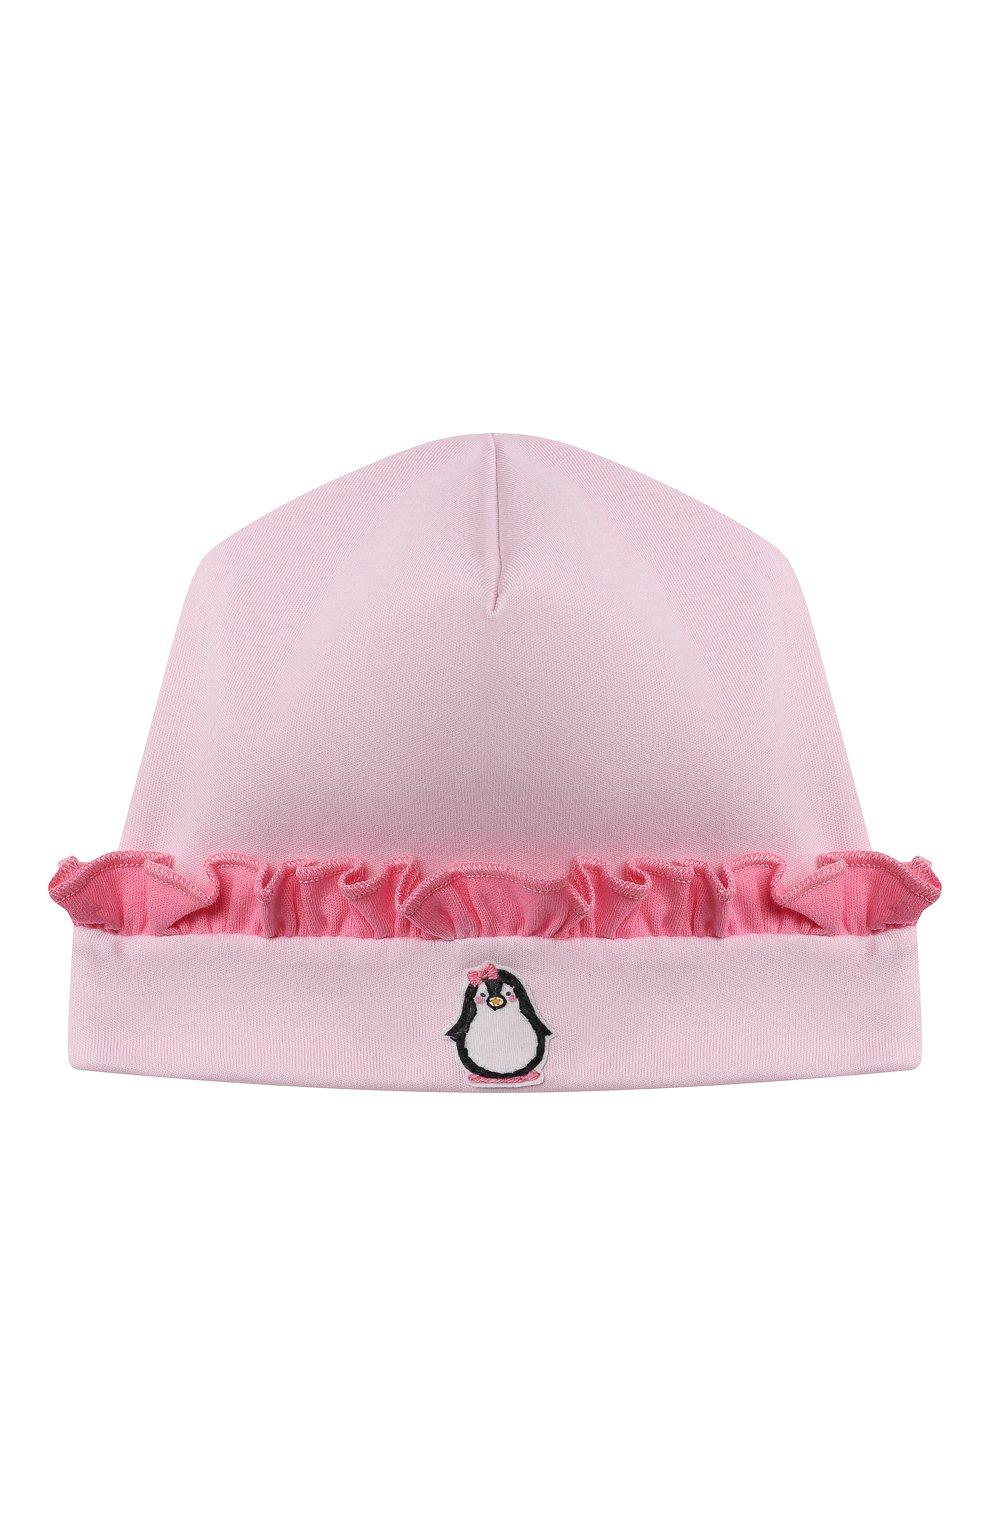 Детского хлопковая шапка MAGNOLIA BABY розового цвета, арт. 788-60-PK | Фото 1 (Материал: Текстиль, Хлопок)